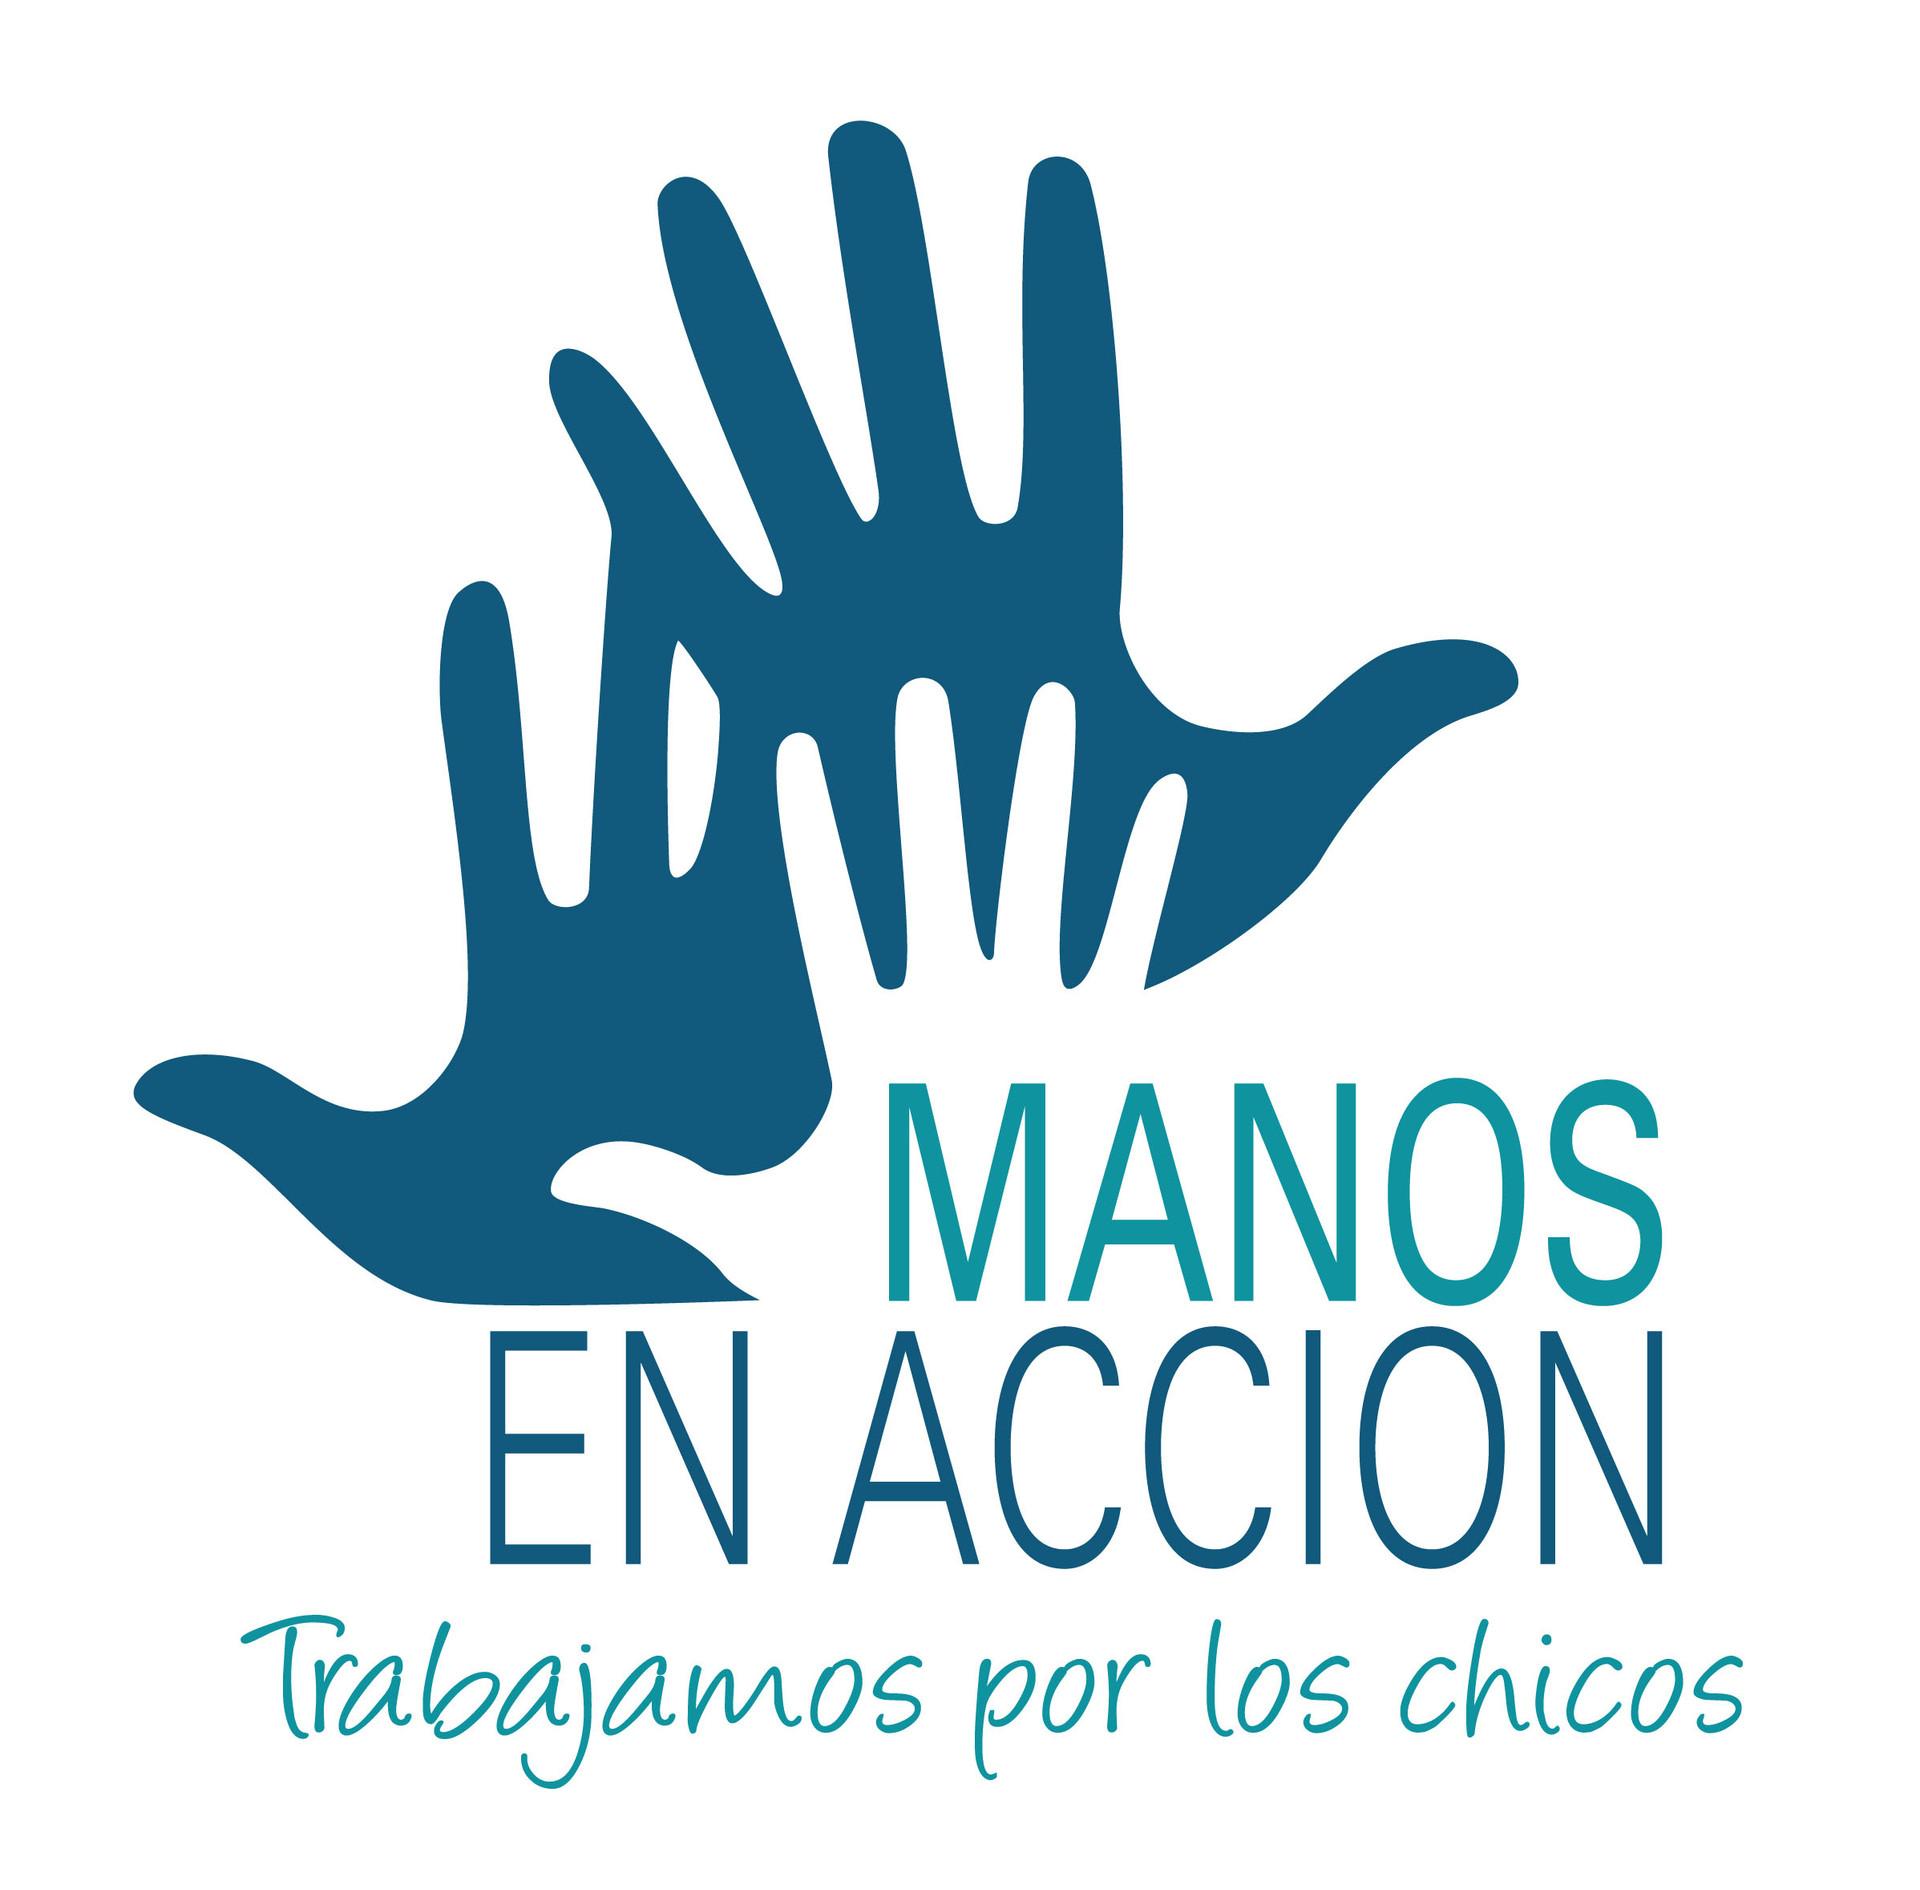 LOGO_MANOS.jpg